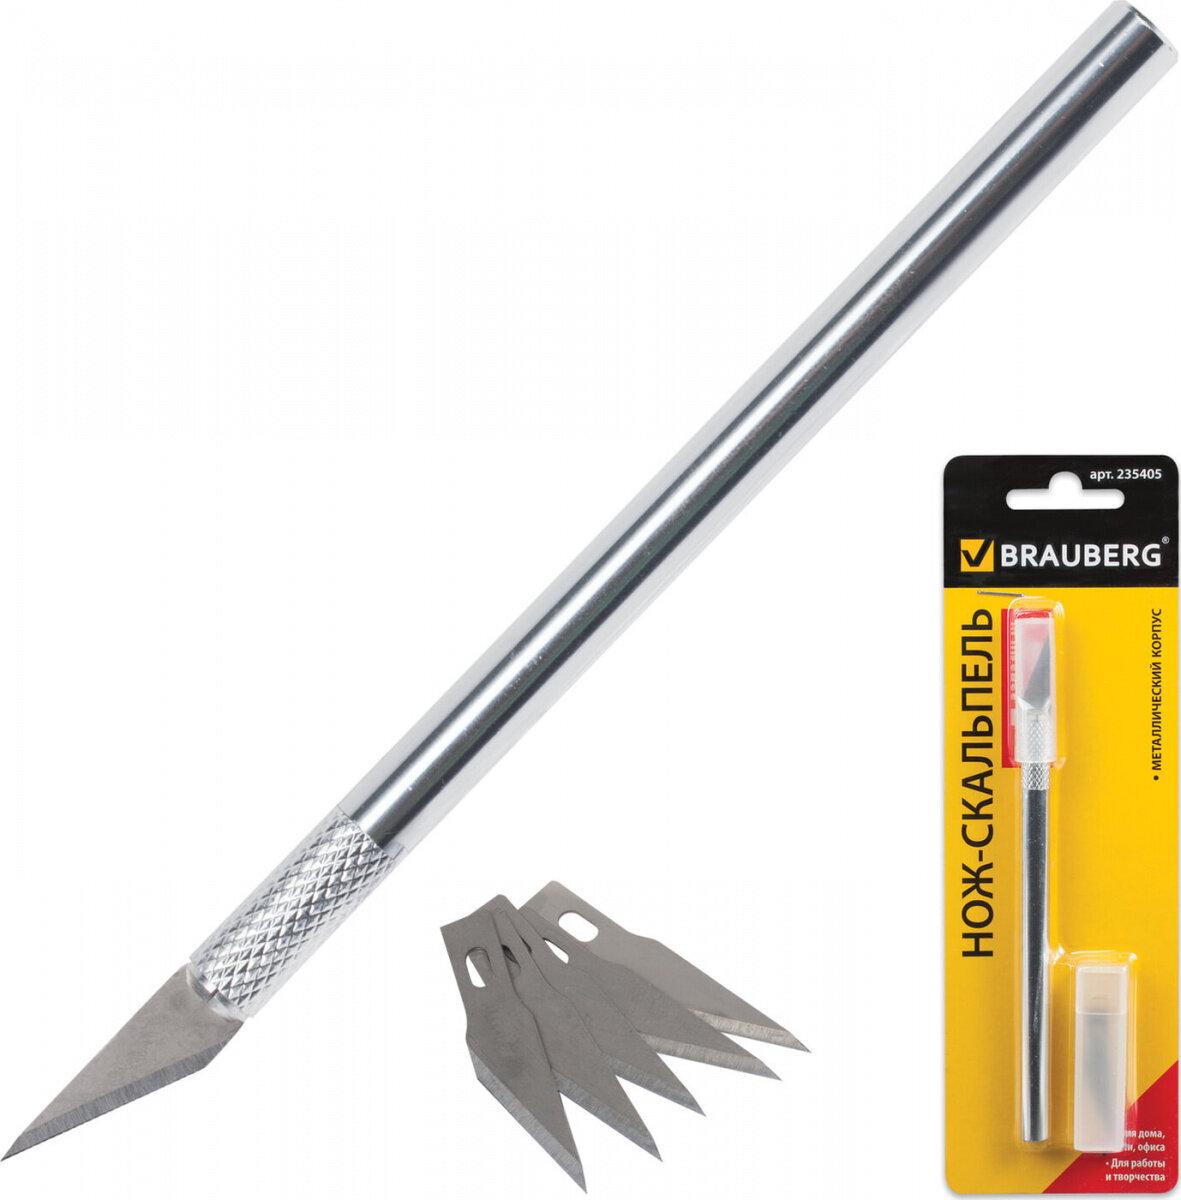 Макетный нож-скальпель Brauberg